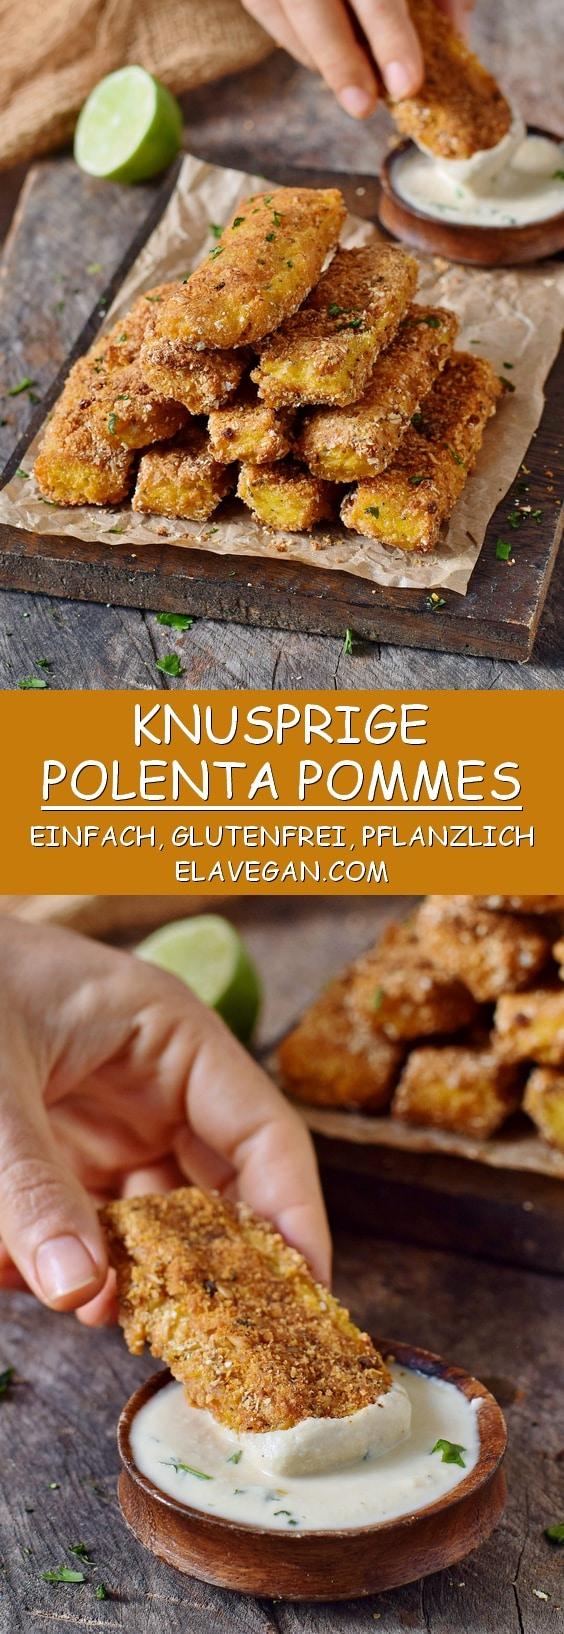 knusprige polenta pommes mit cashew knoblauch dip glutenfrei vegan rezept pinterest